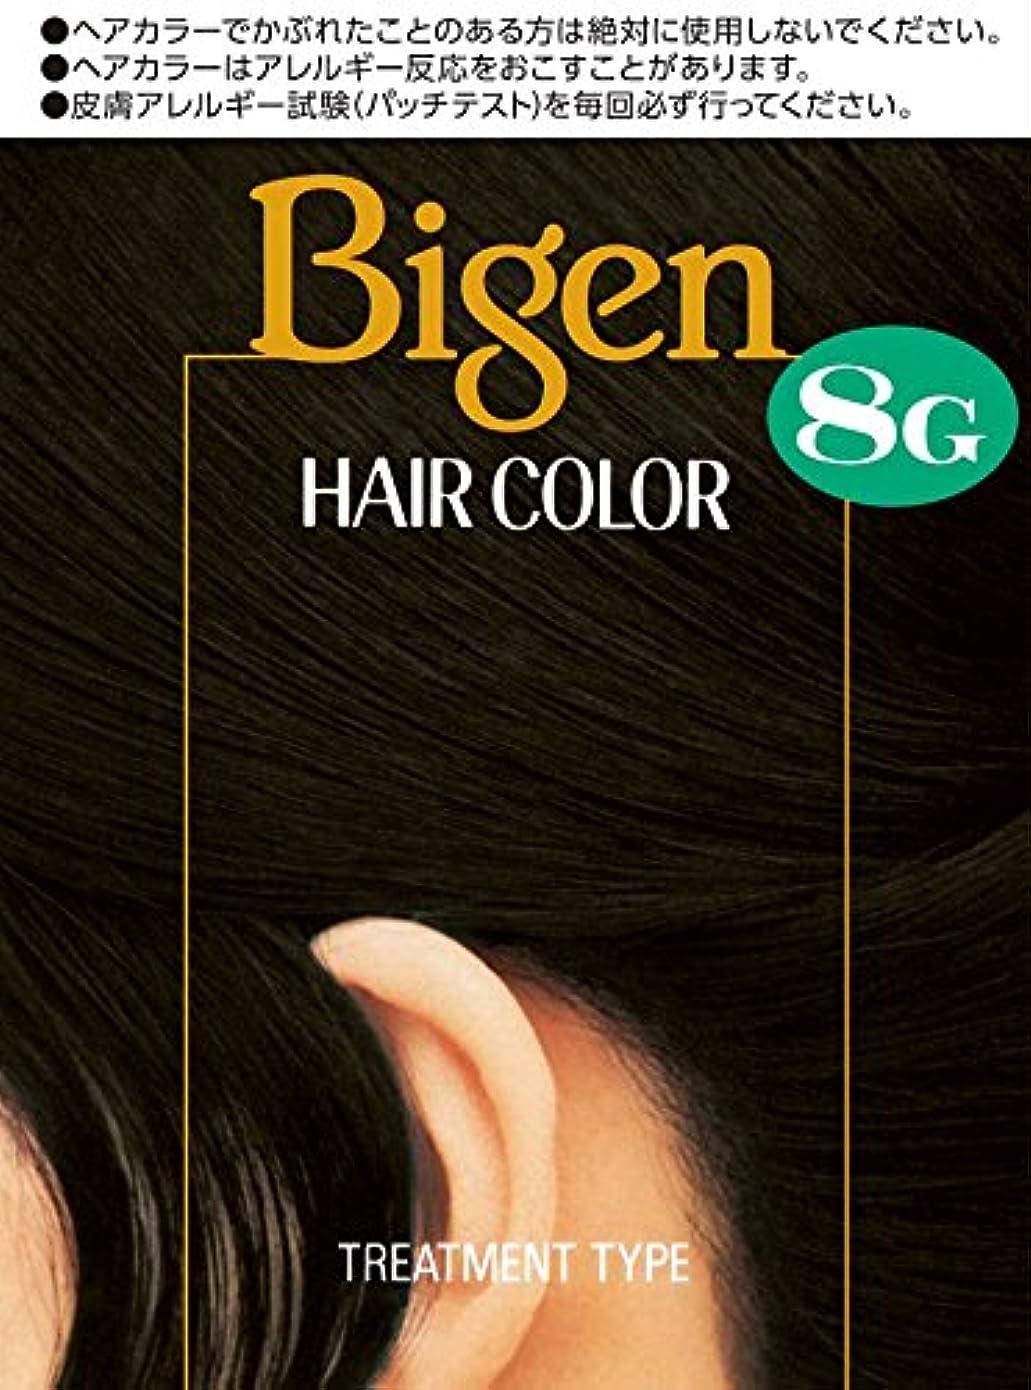 屋内共感する免除するホーユー ビゲン ヘアカラー 8G (自然な黒色) 1剤40mL+2剤40mL